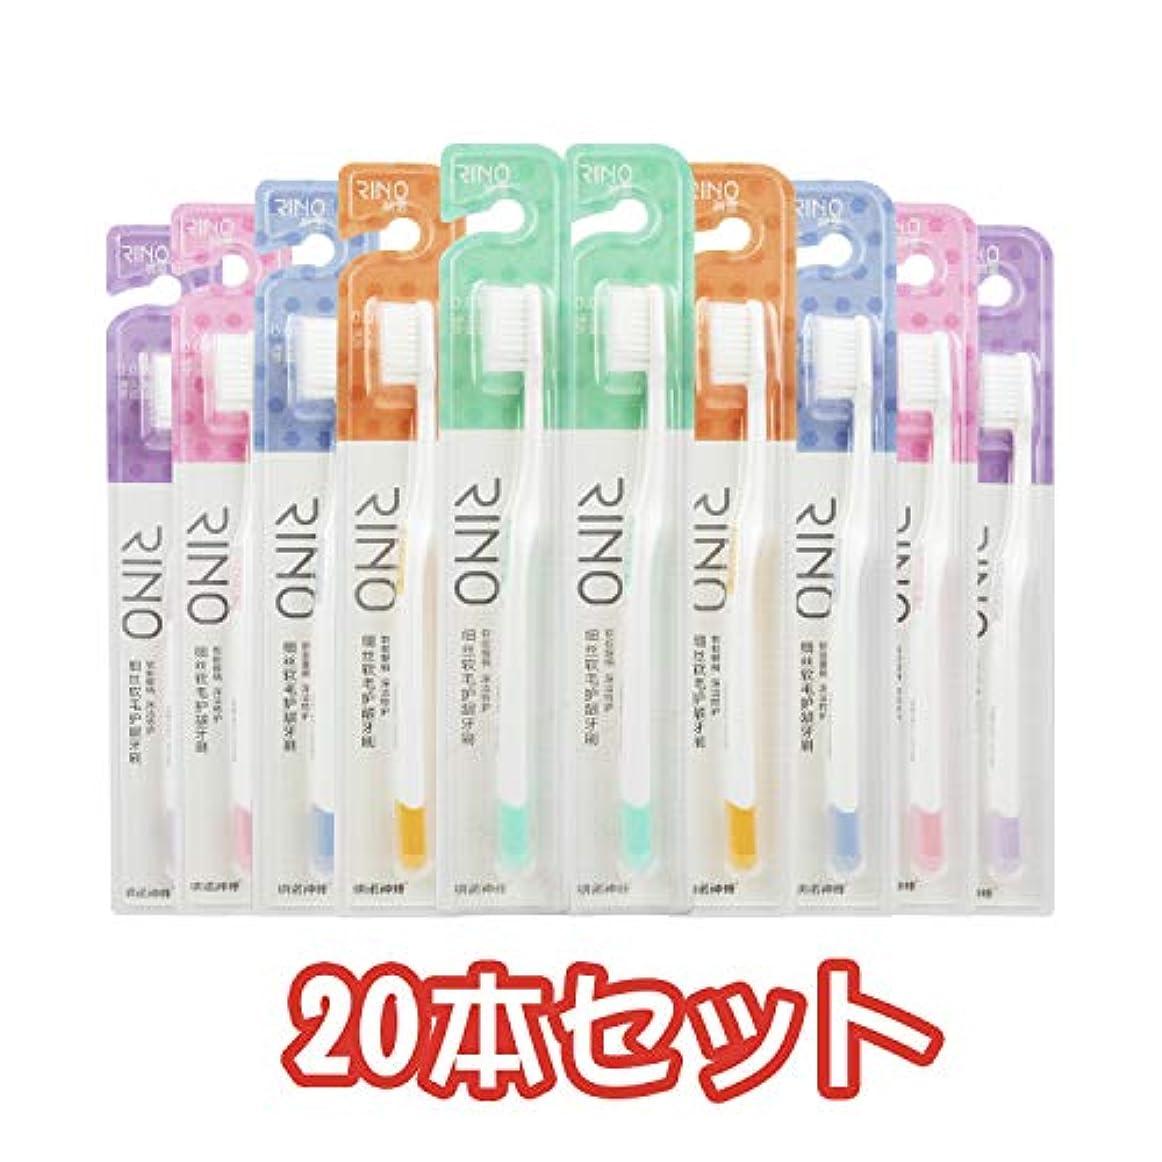 入力粒を通してNano 20本セット やわらかい 歯ブラシ 大人用 耐久性 旅行用 子供 卸売価格 安い歯ブラシ